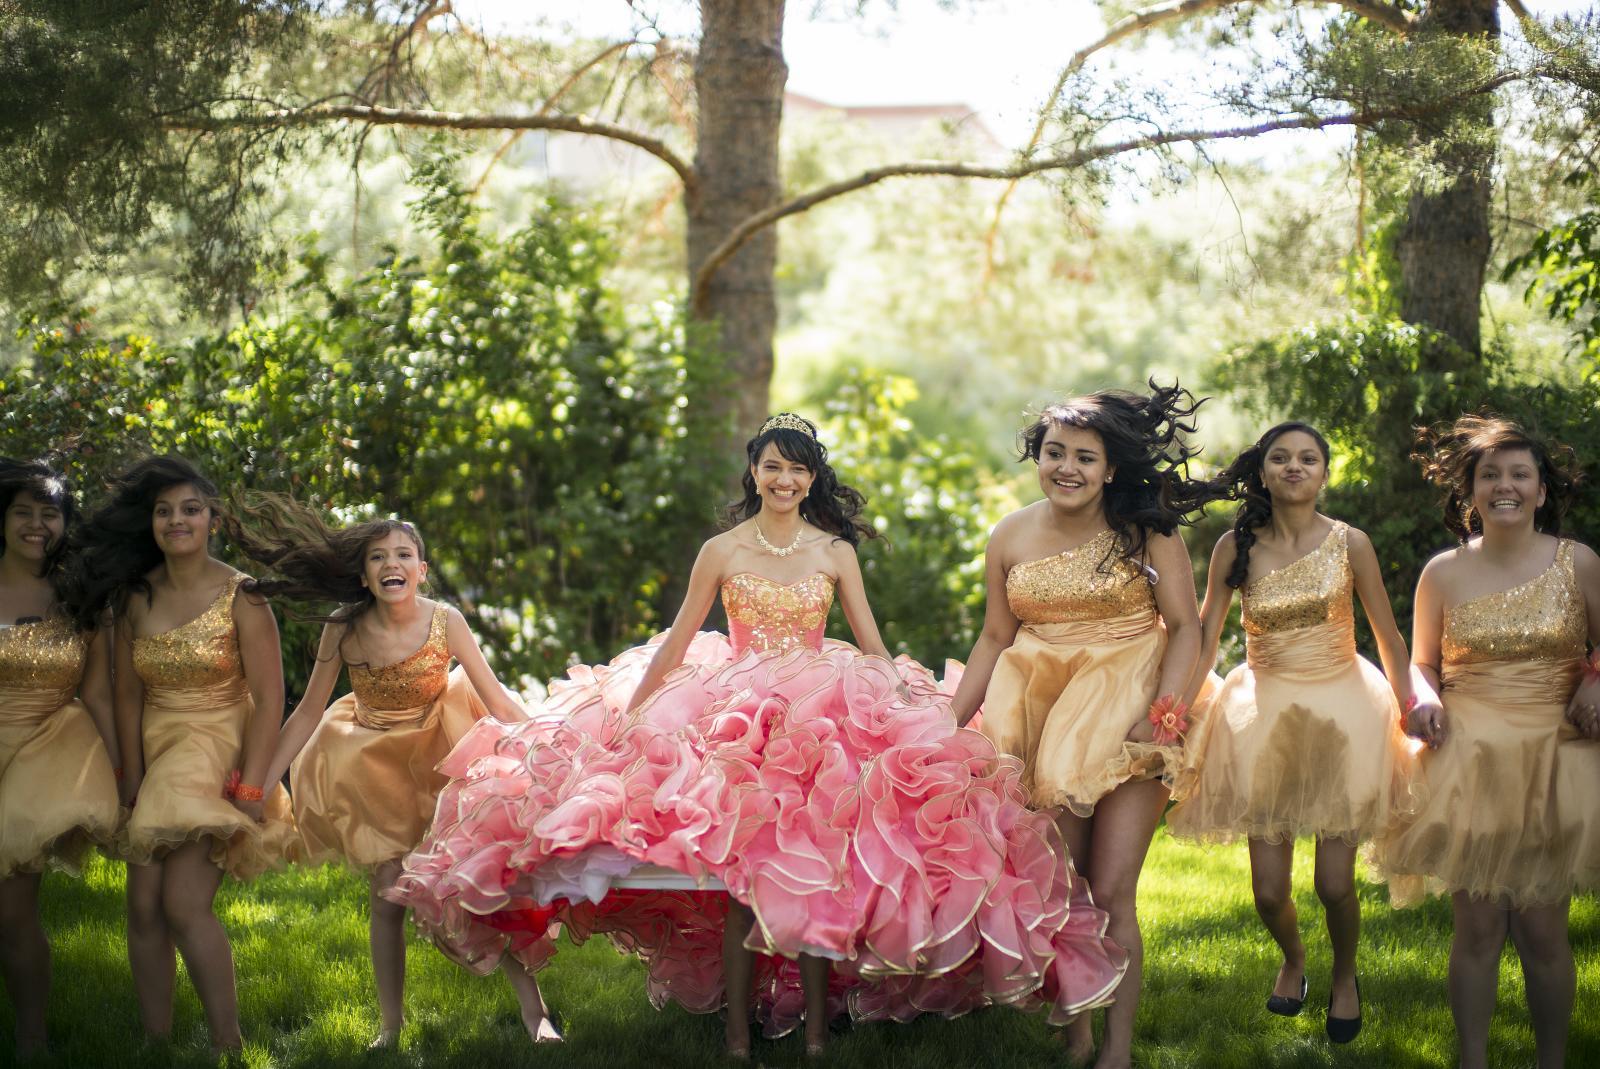 Quinceañeras/Sweet 16 Parties